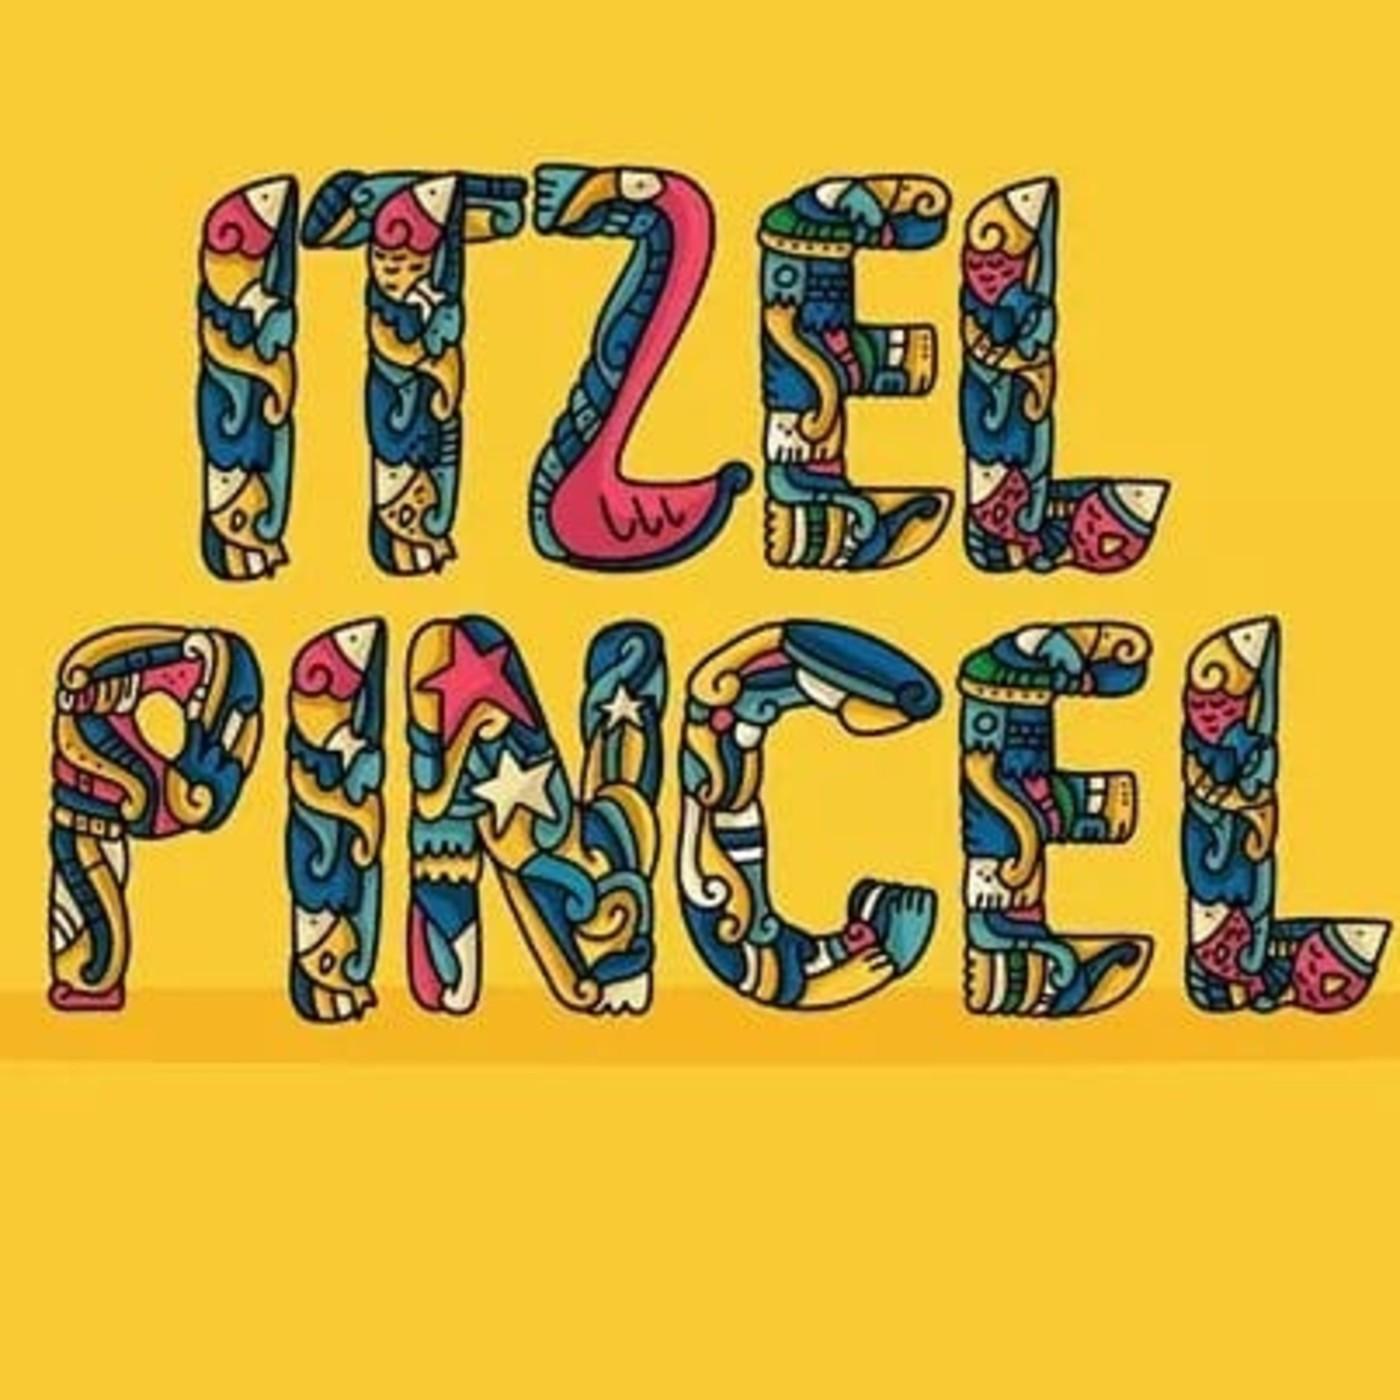 Itzel Pincel